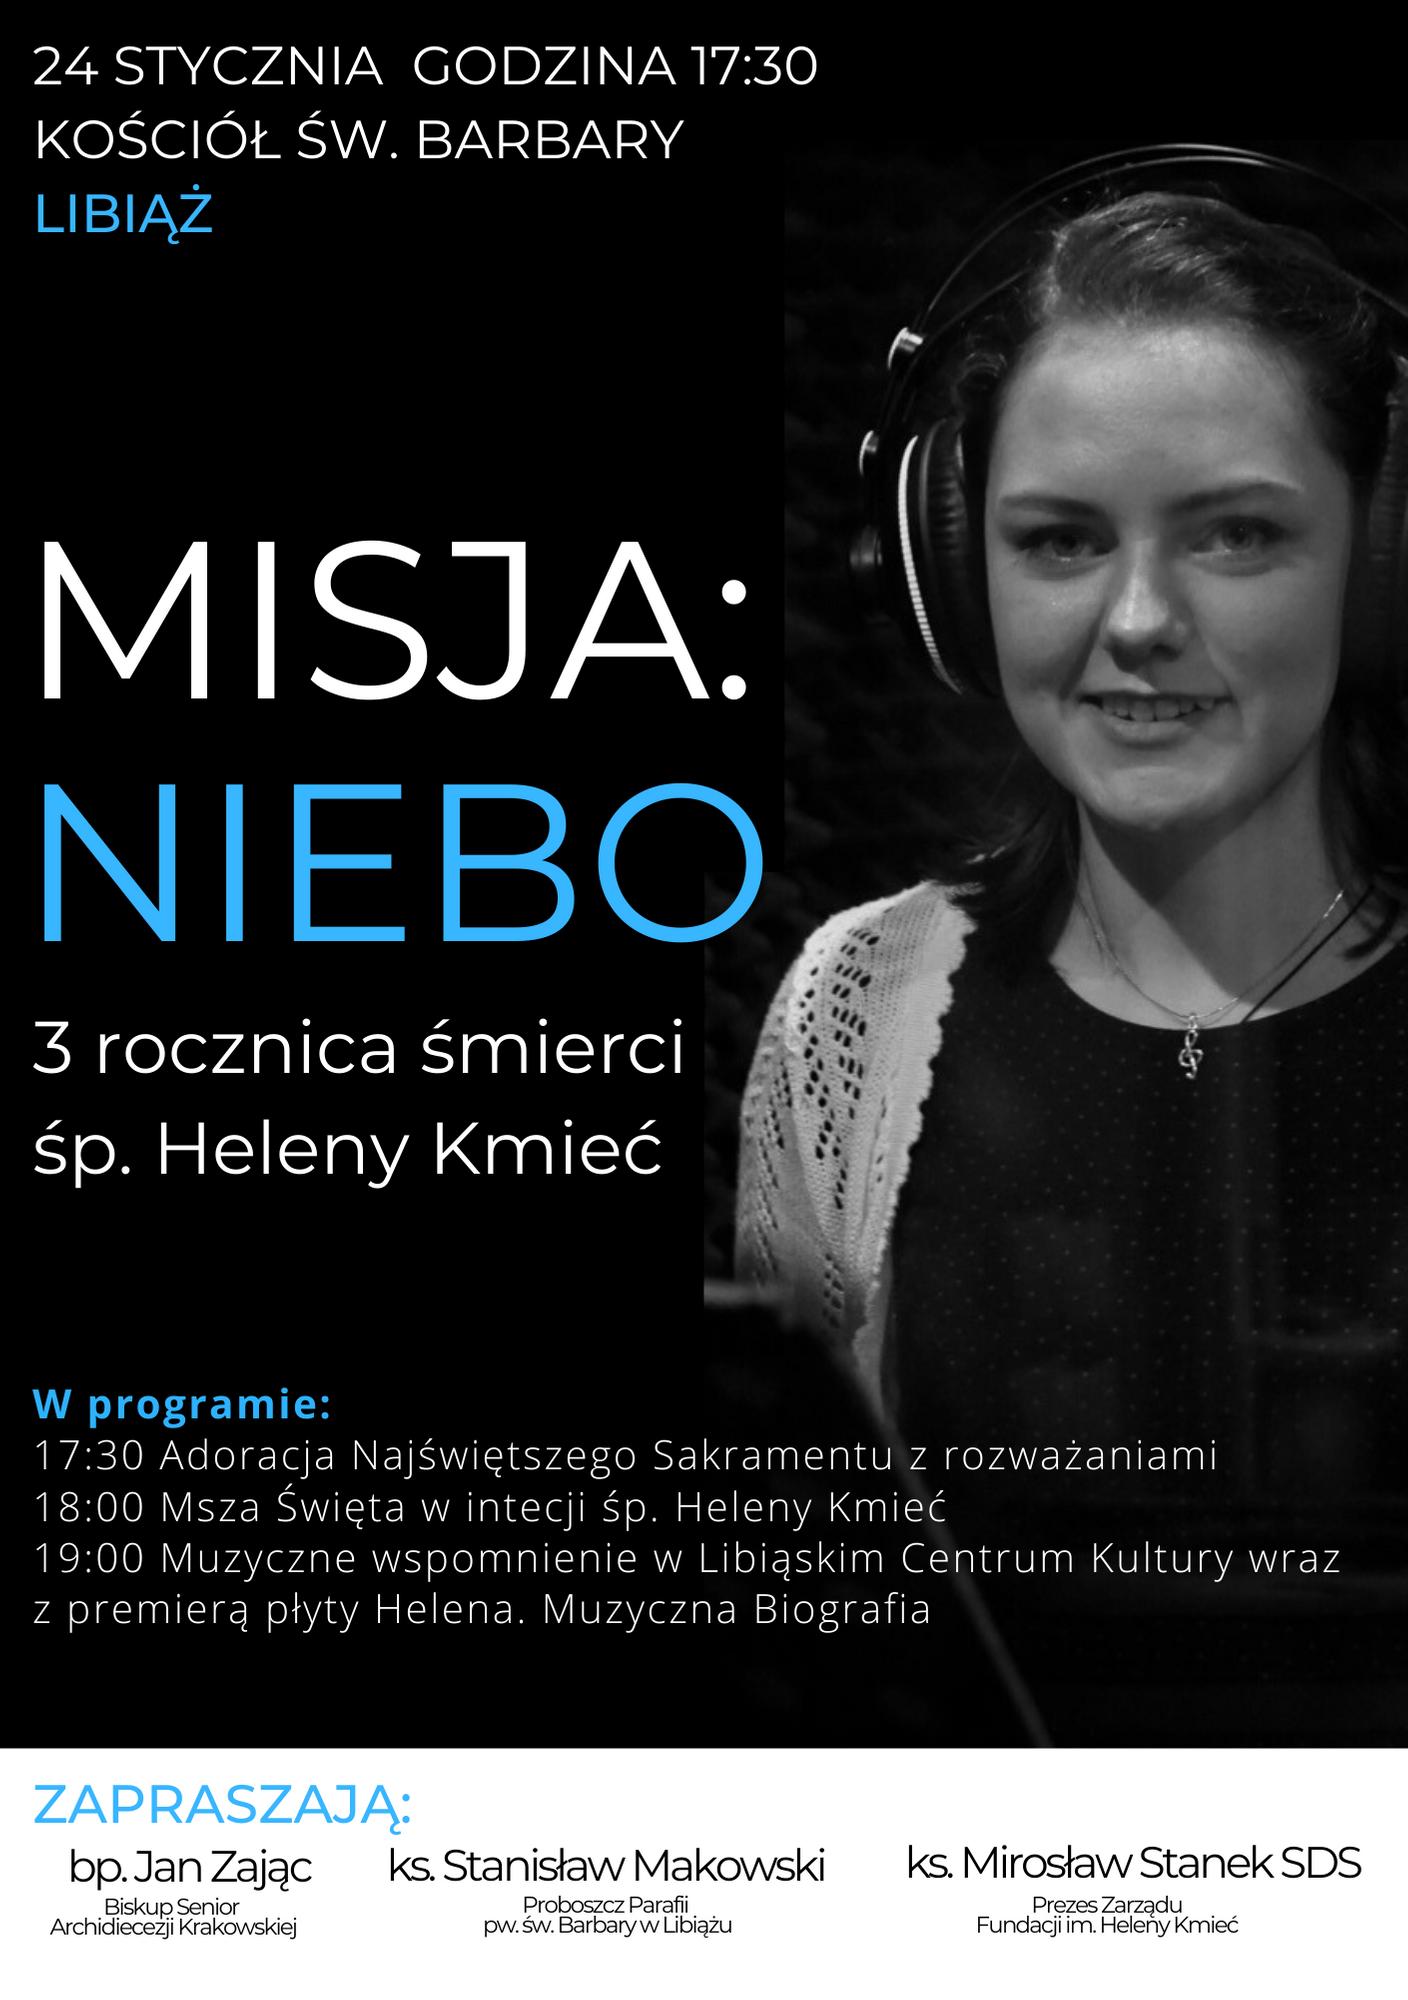 Misja: NIEBO – 3. rocznica śmierci Heleny Kmieć